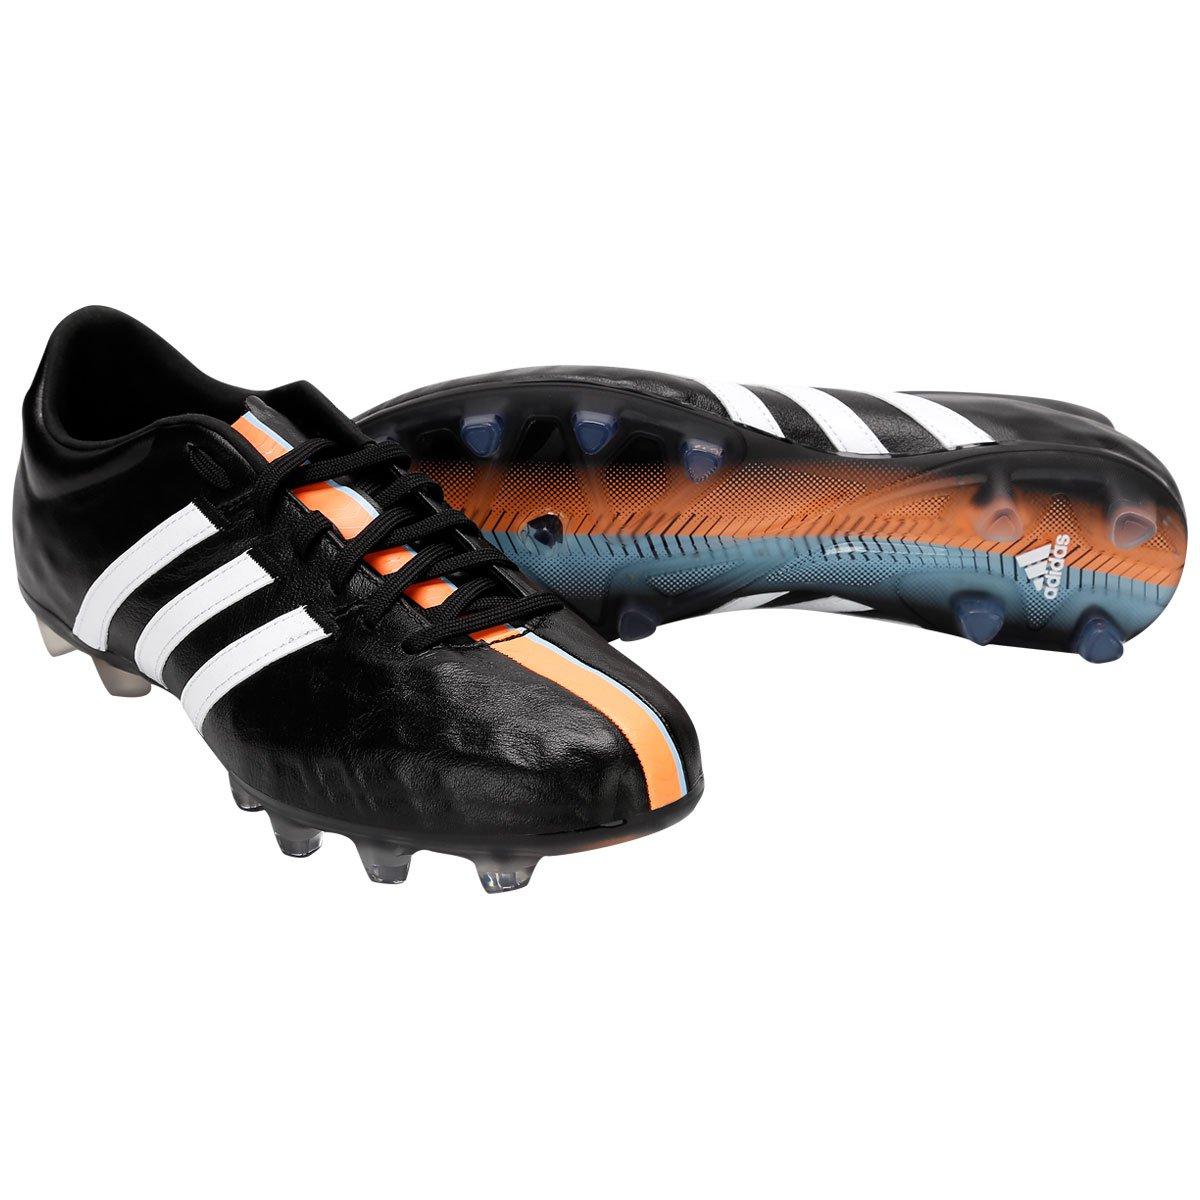 156955117a Chuteira Adidas 11 Pro FG Campo - Compre Agora